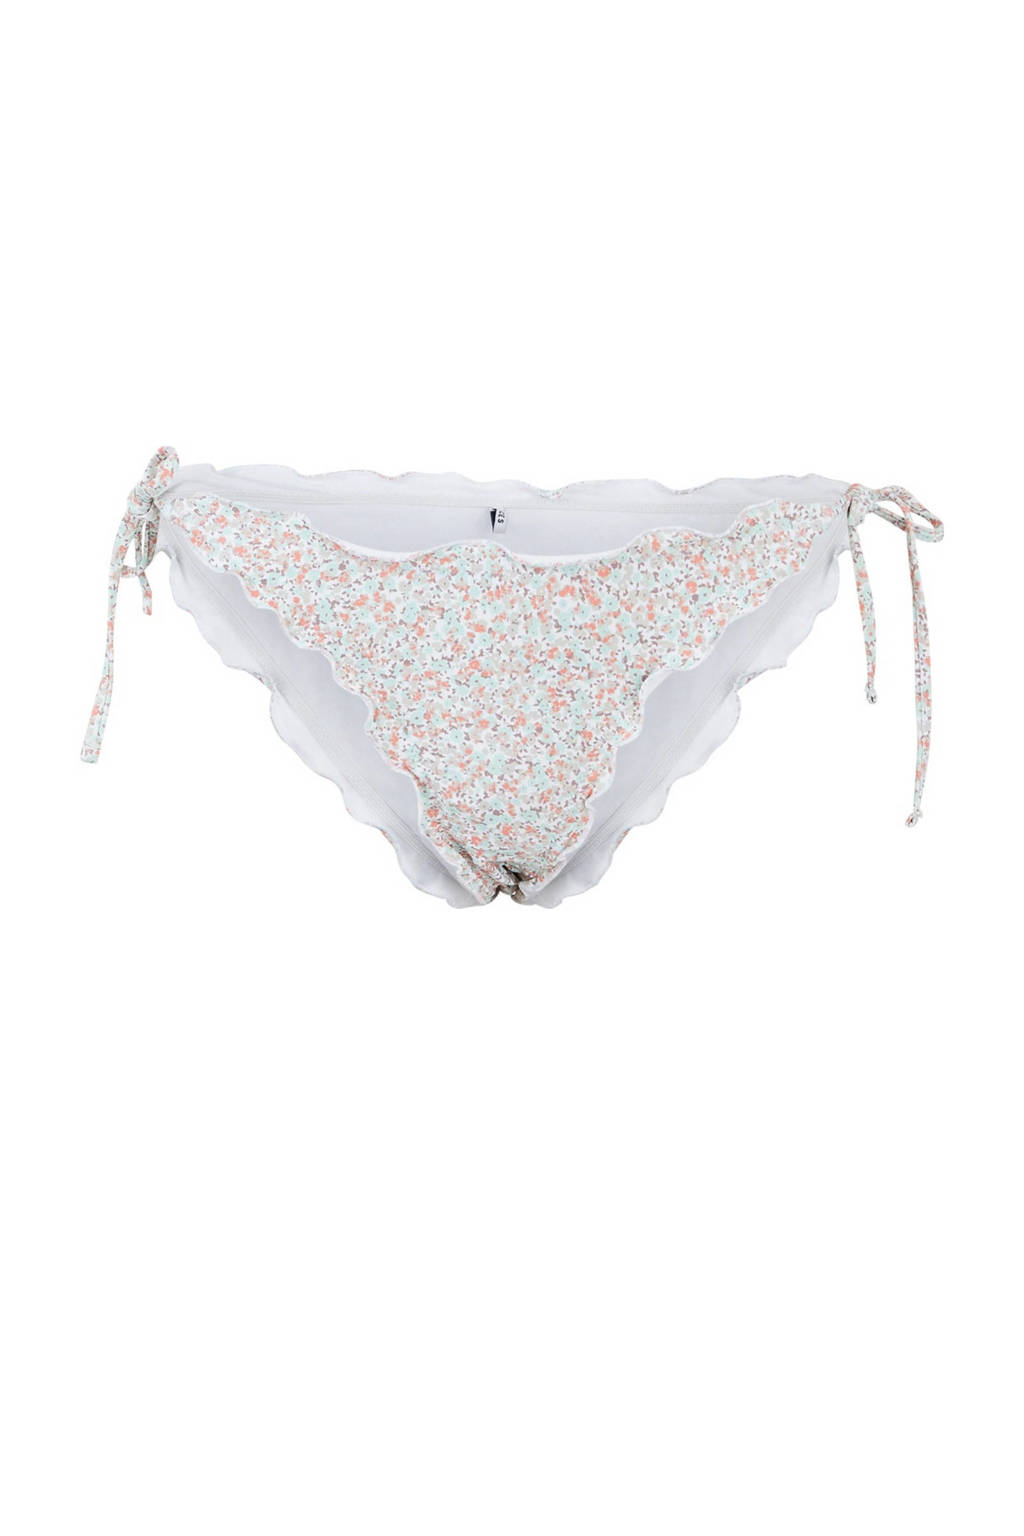 PIECES gebloemd strik bikinibroekje Gaby lichtblauw, Lichtblauw